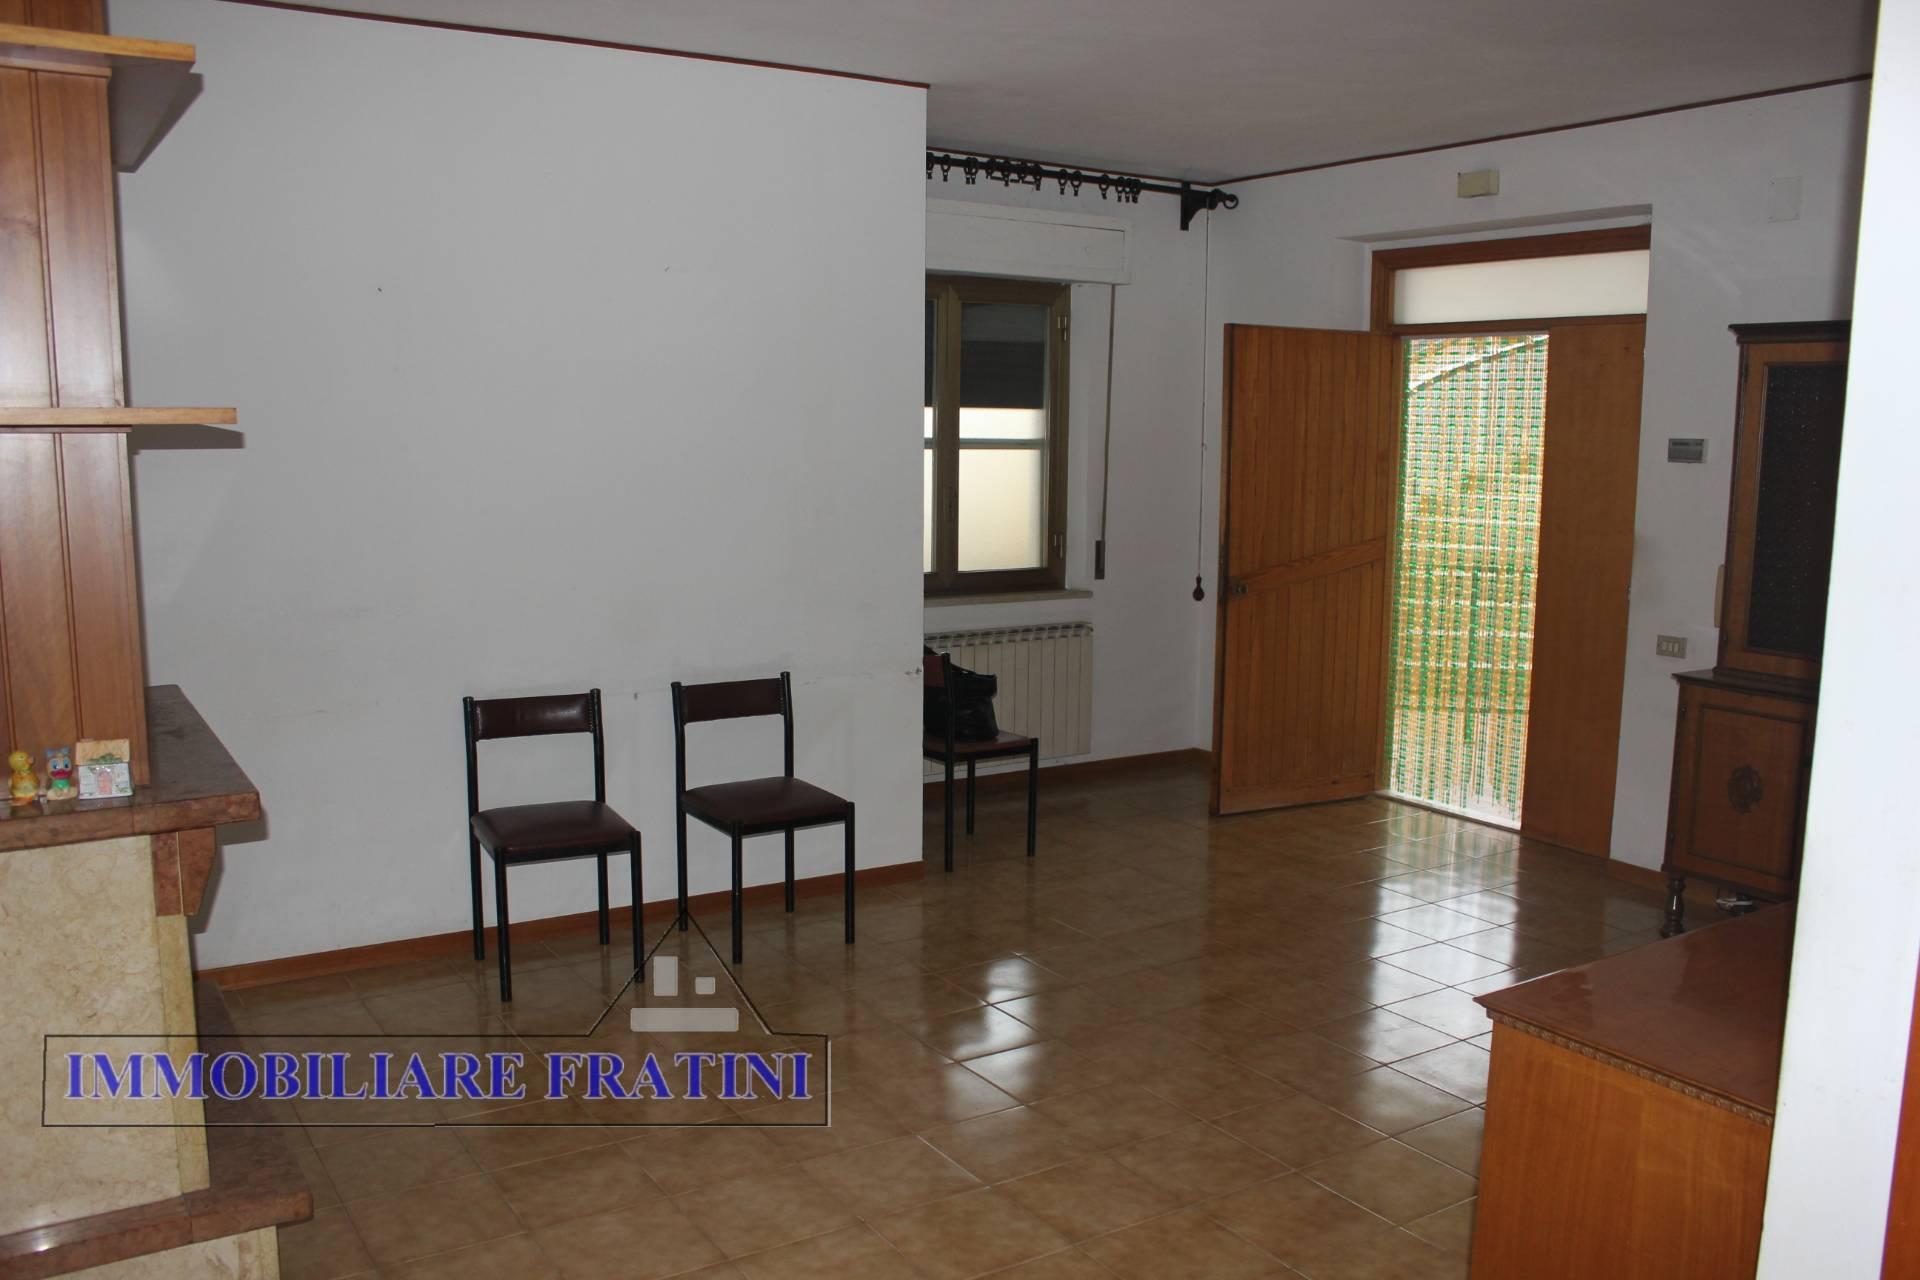 Appartamento in vendita a Sant'Omero, 4 locali, zona Località: Garrufo, prezzo € 57.000 | PortaleAgenzieImmobiliari.it